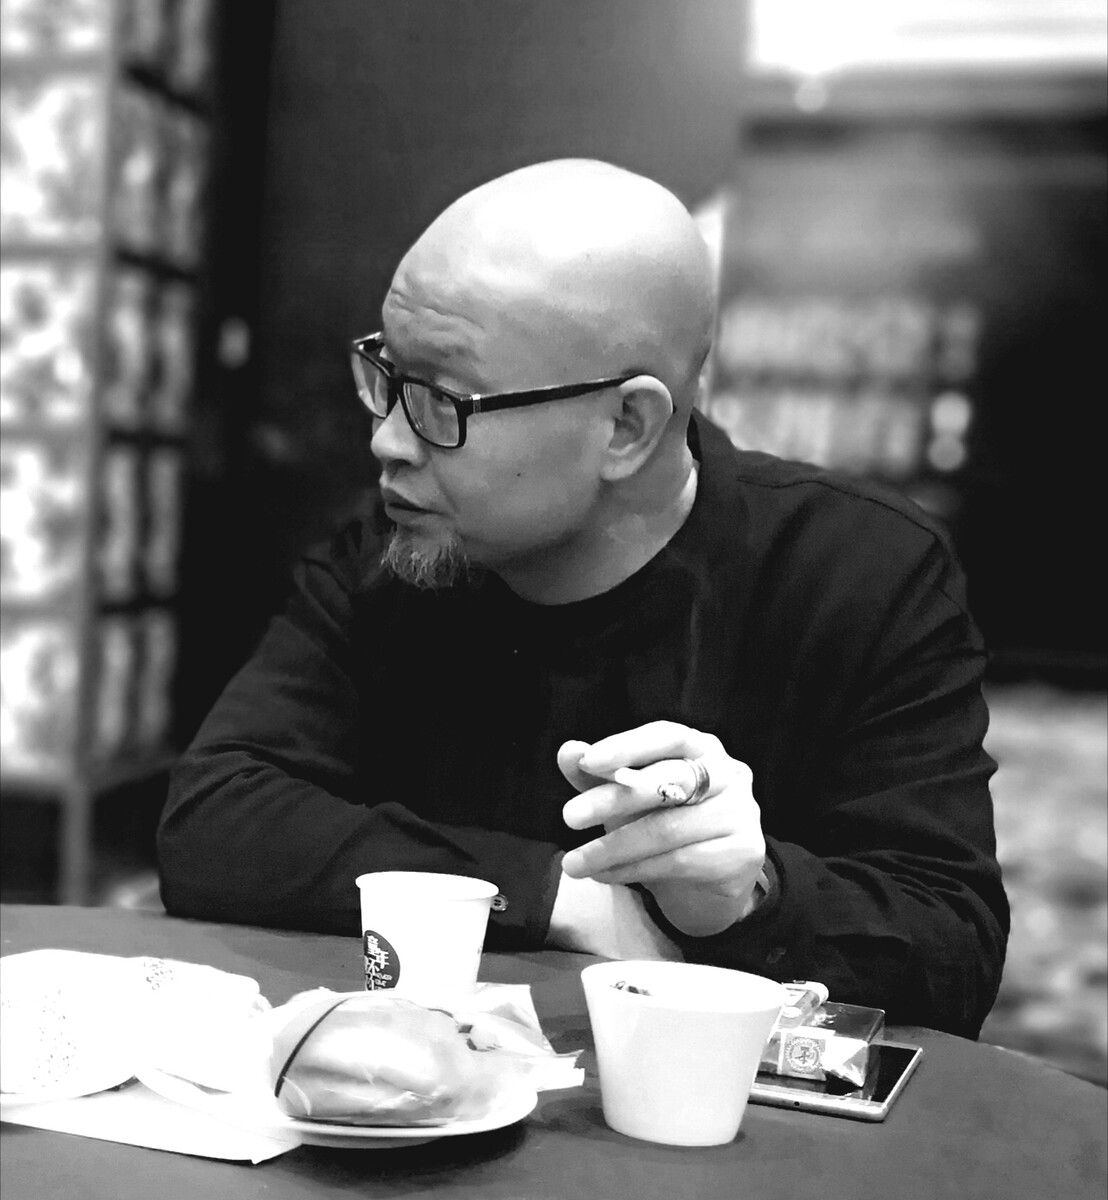 叶斌国广一叶国际v国际广州市维纶首席建筑设计图片